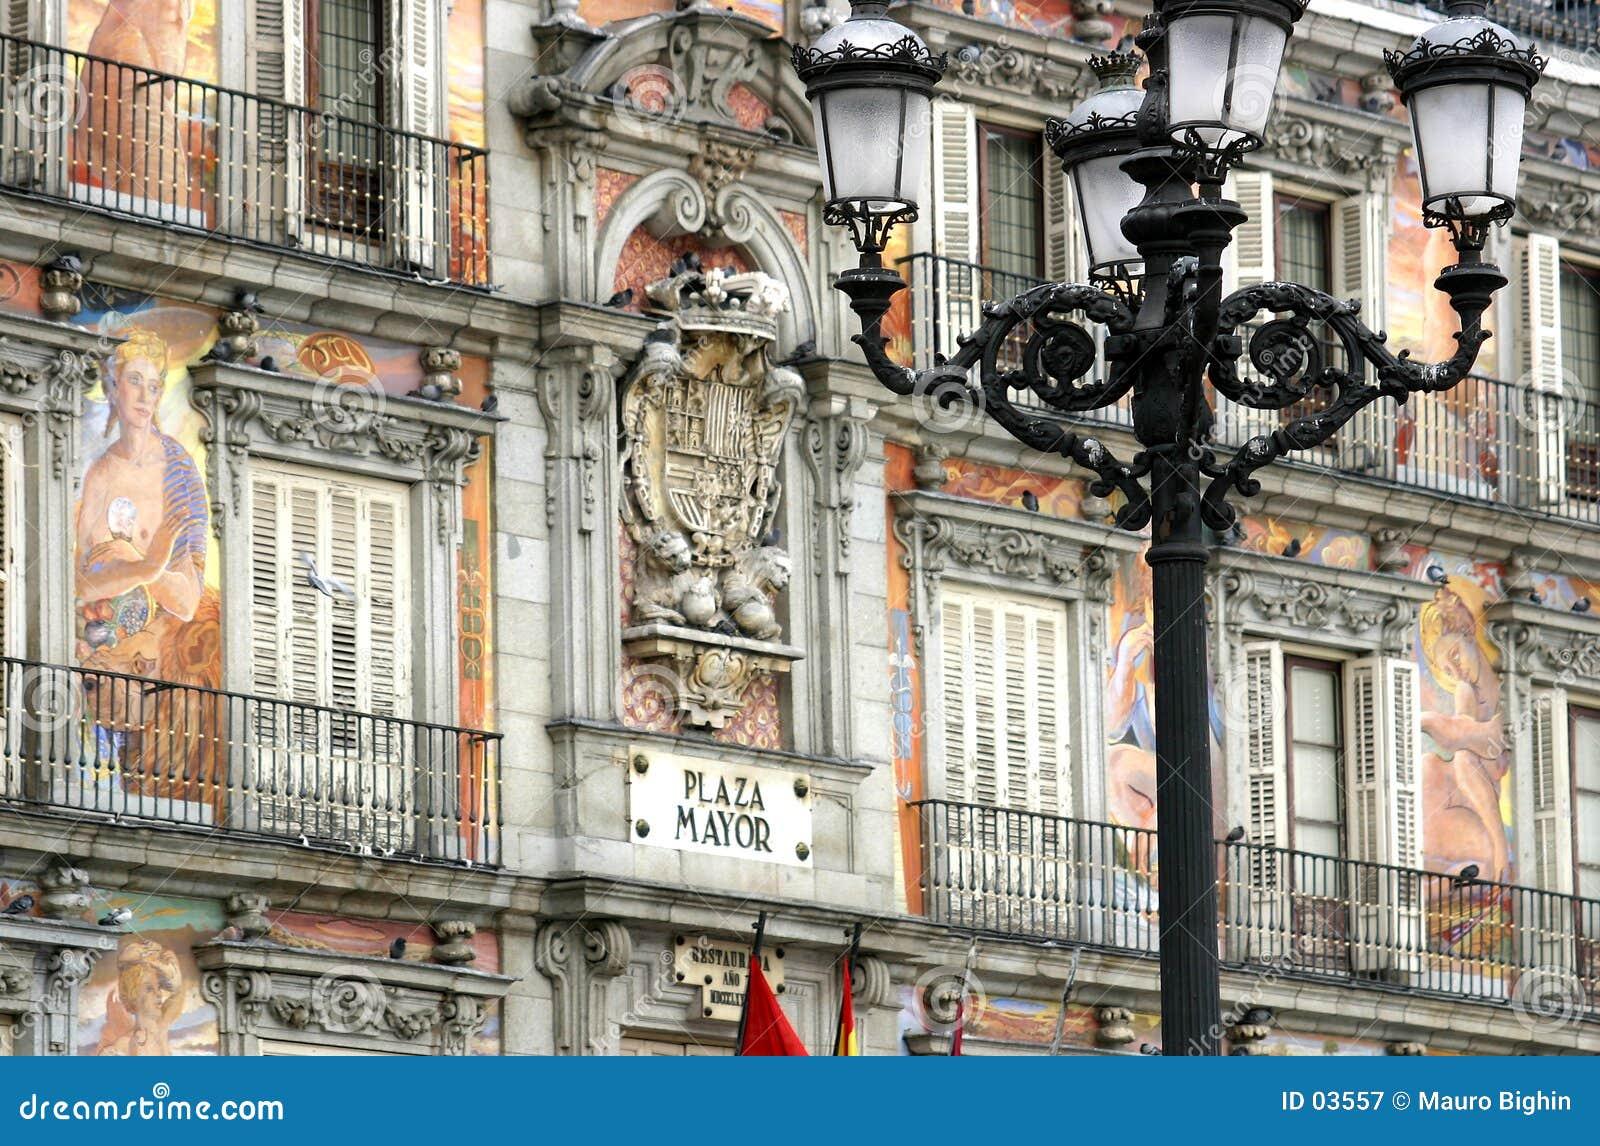 площадь мэра madrid